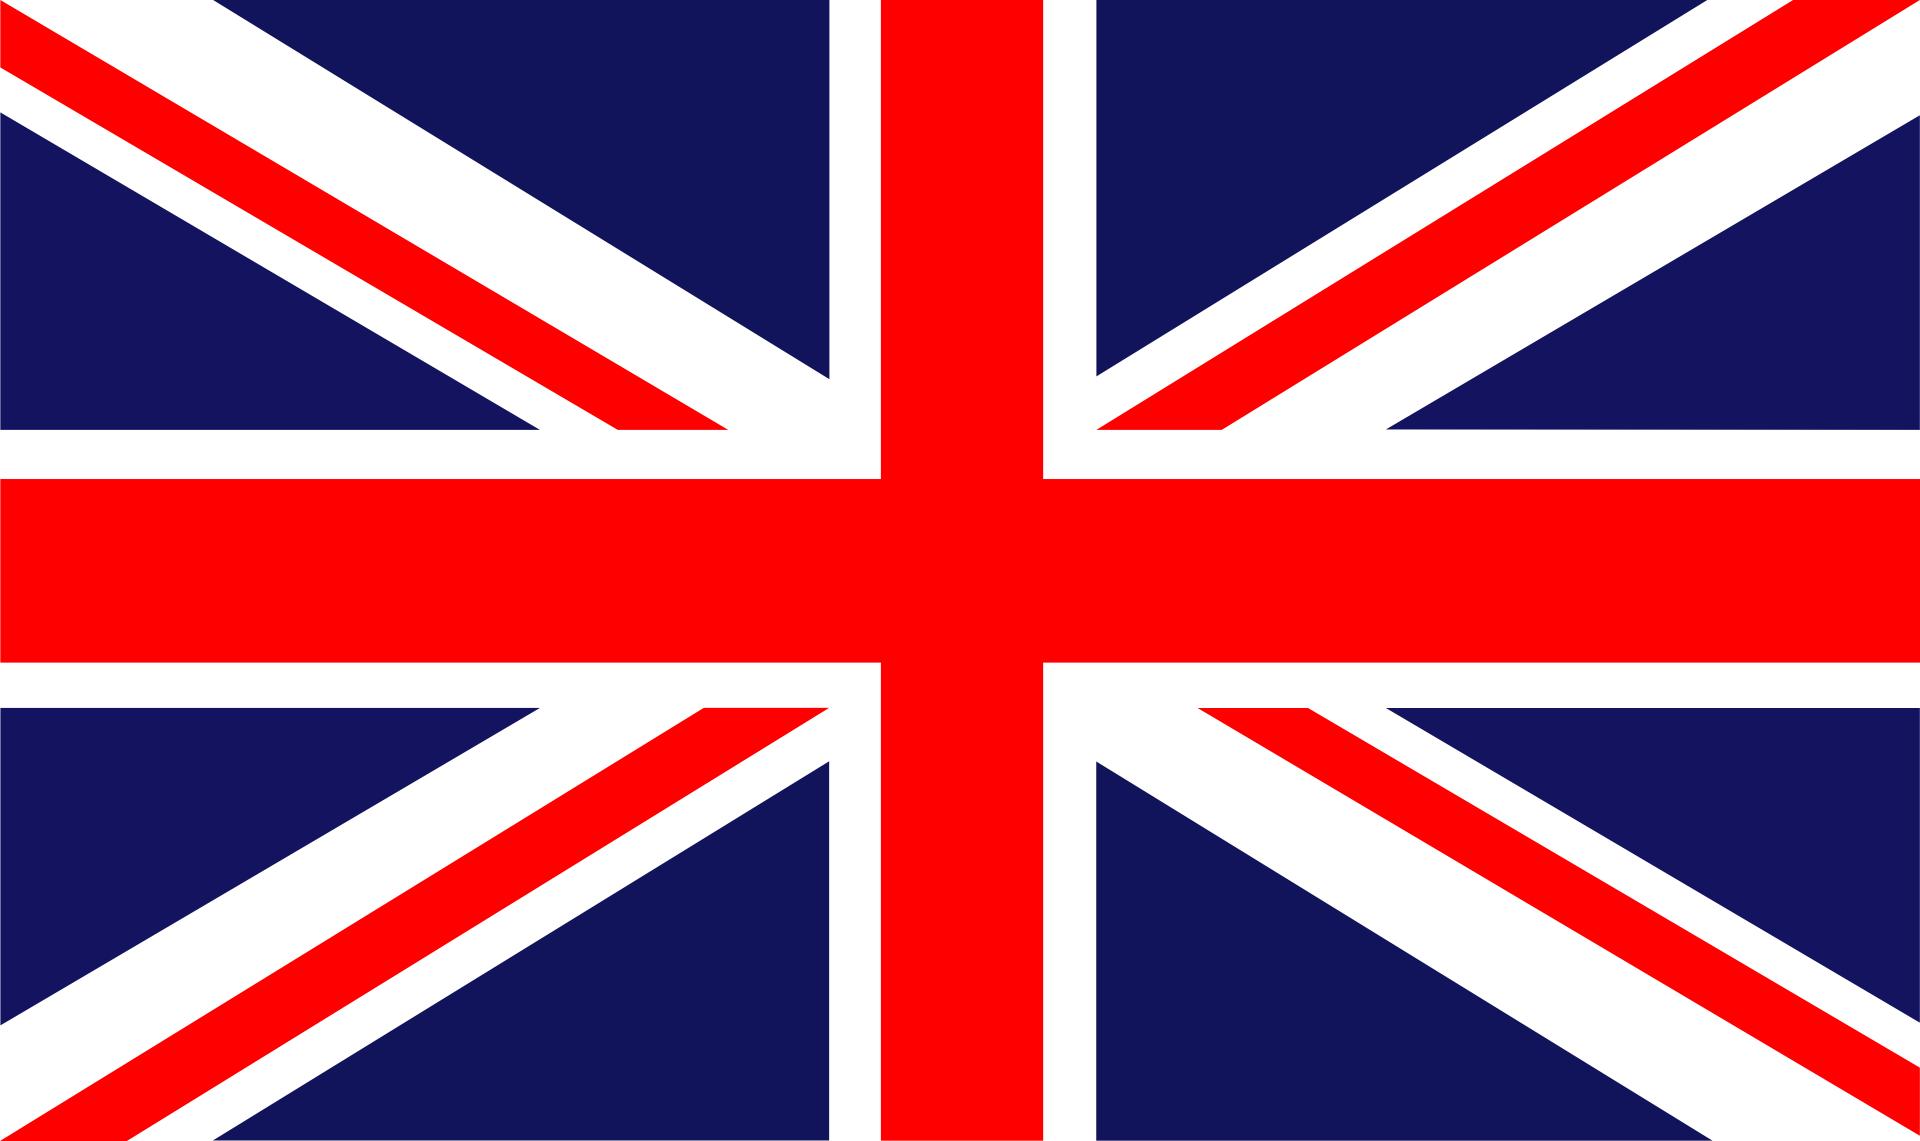 Union Jack,flag vector